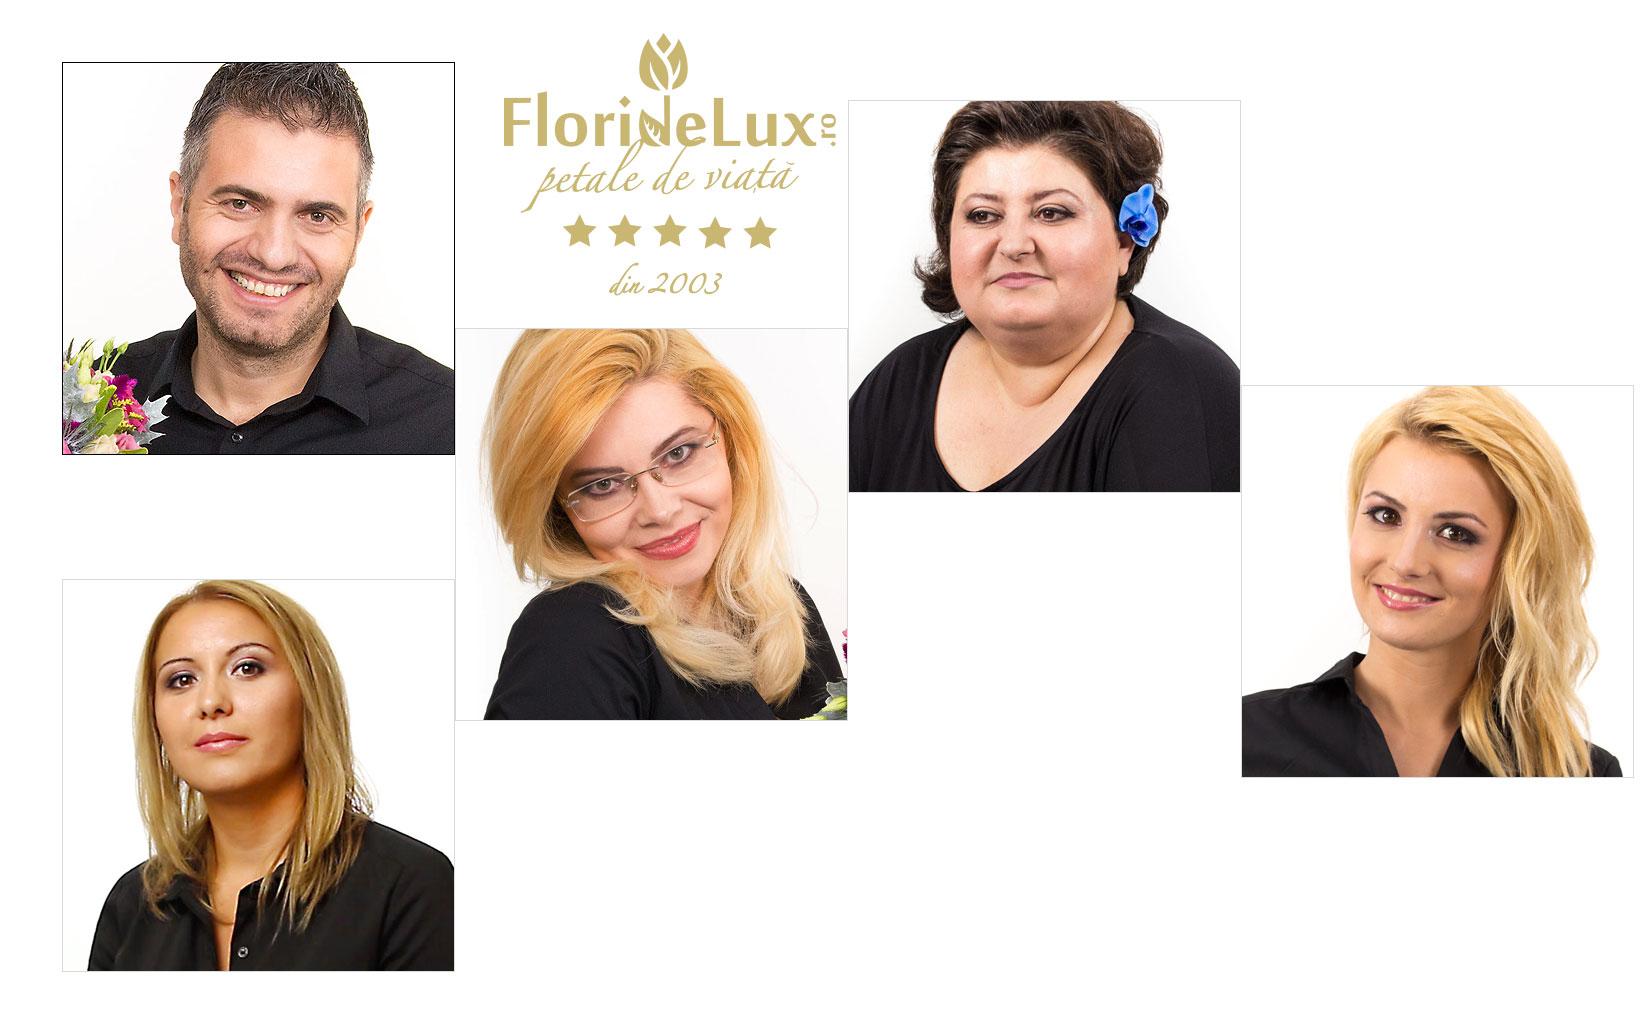 Flori, dragoste si emotii! FlorideLux.ro